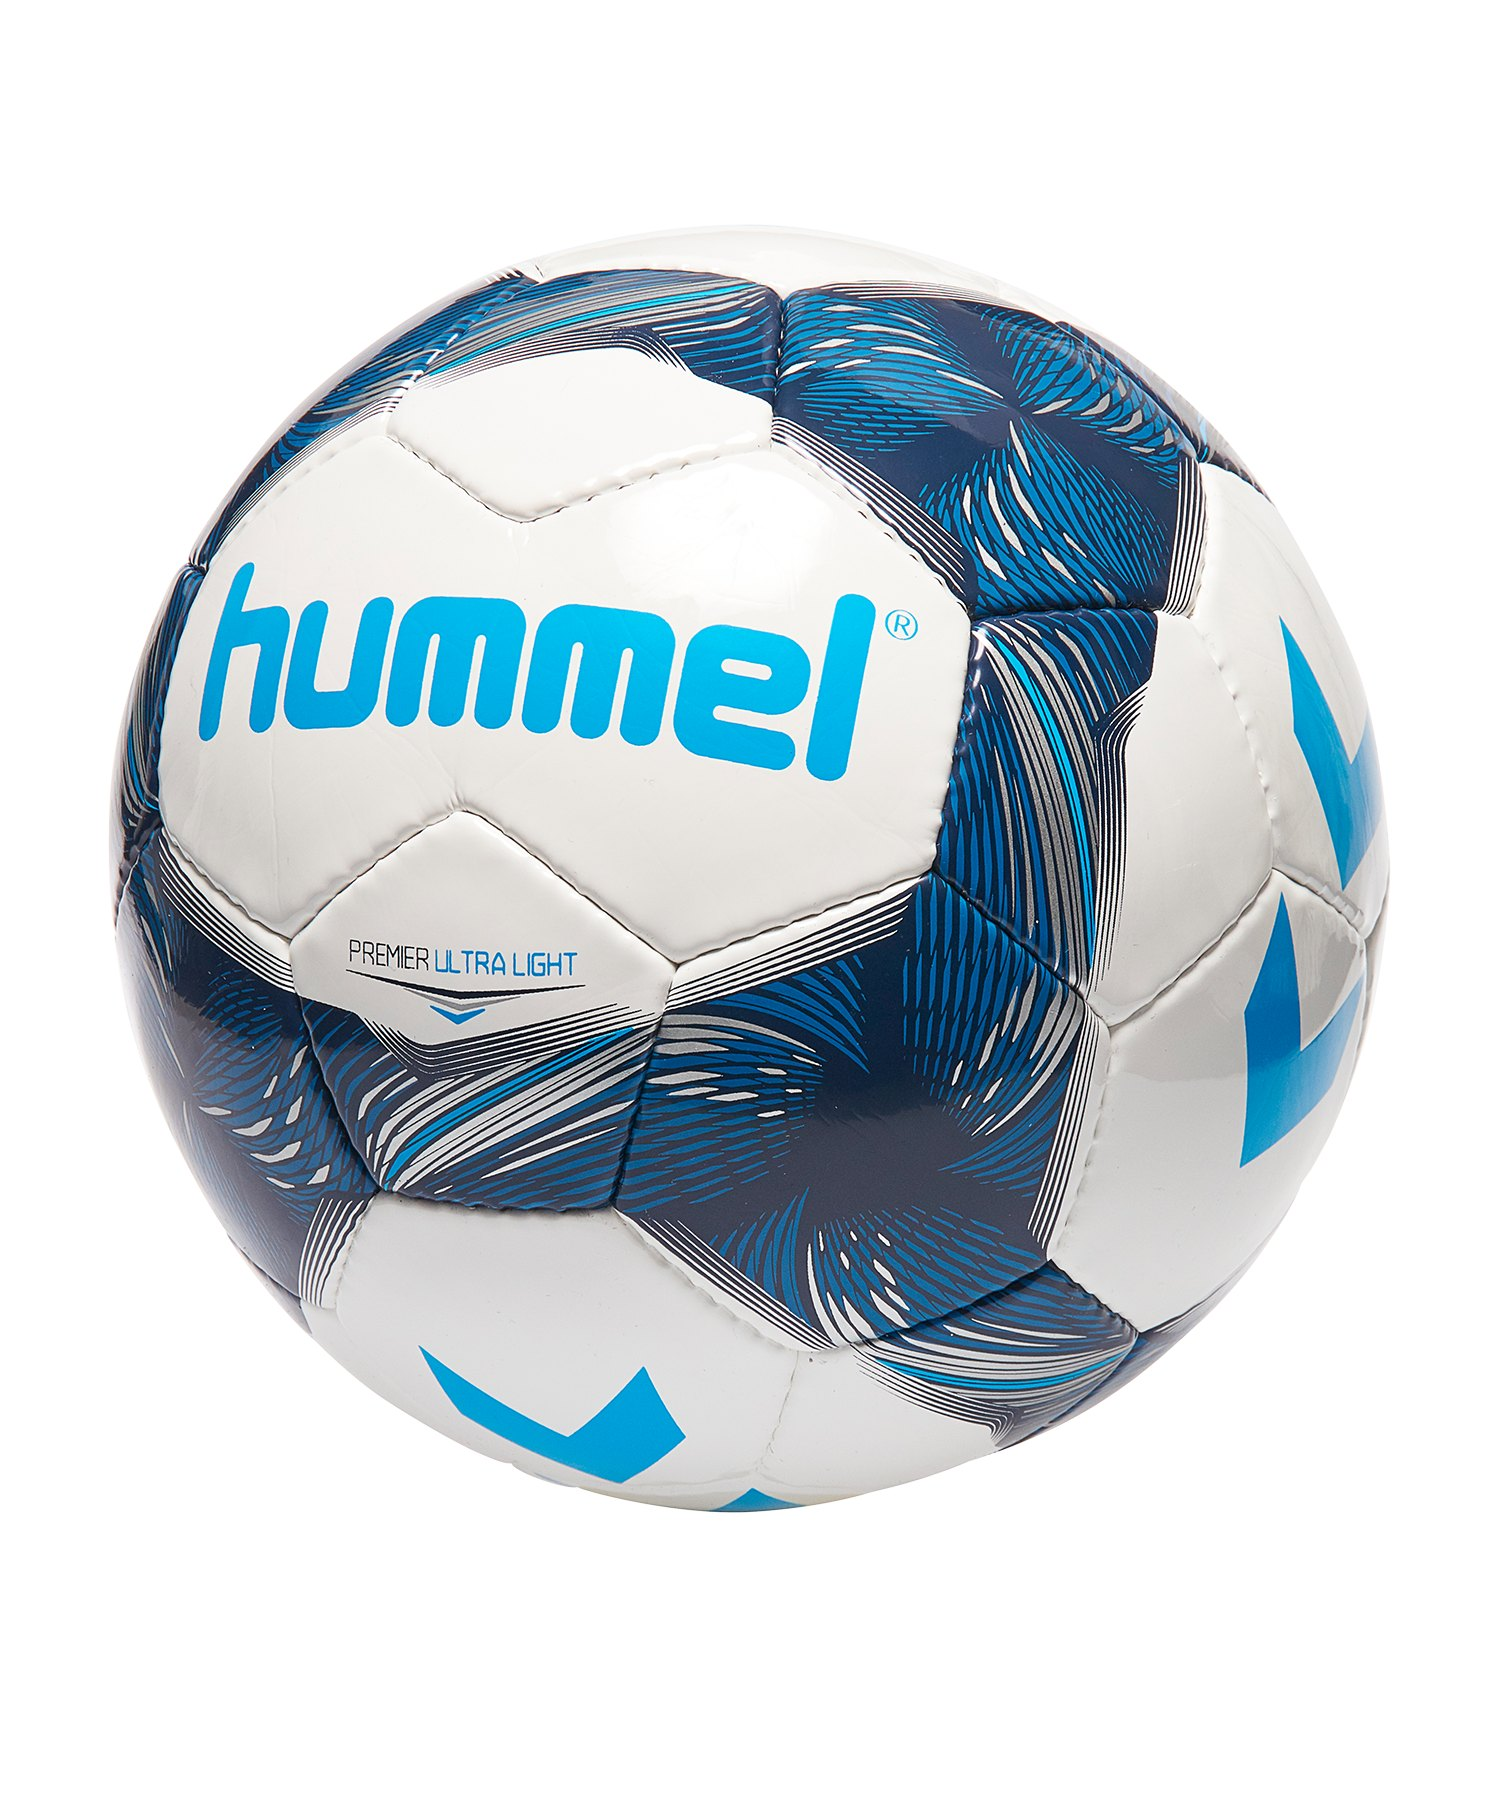 Hummel Premier Ultra Light Fussball Blau F9814 - Weiss